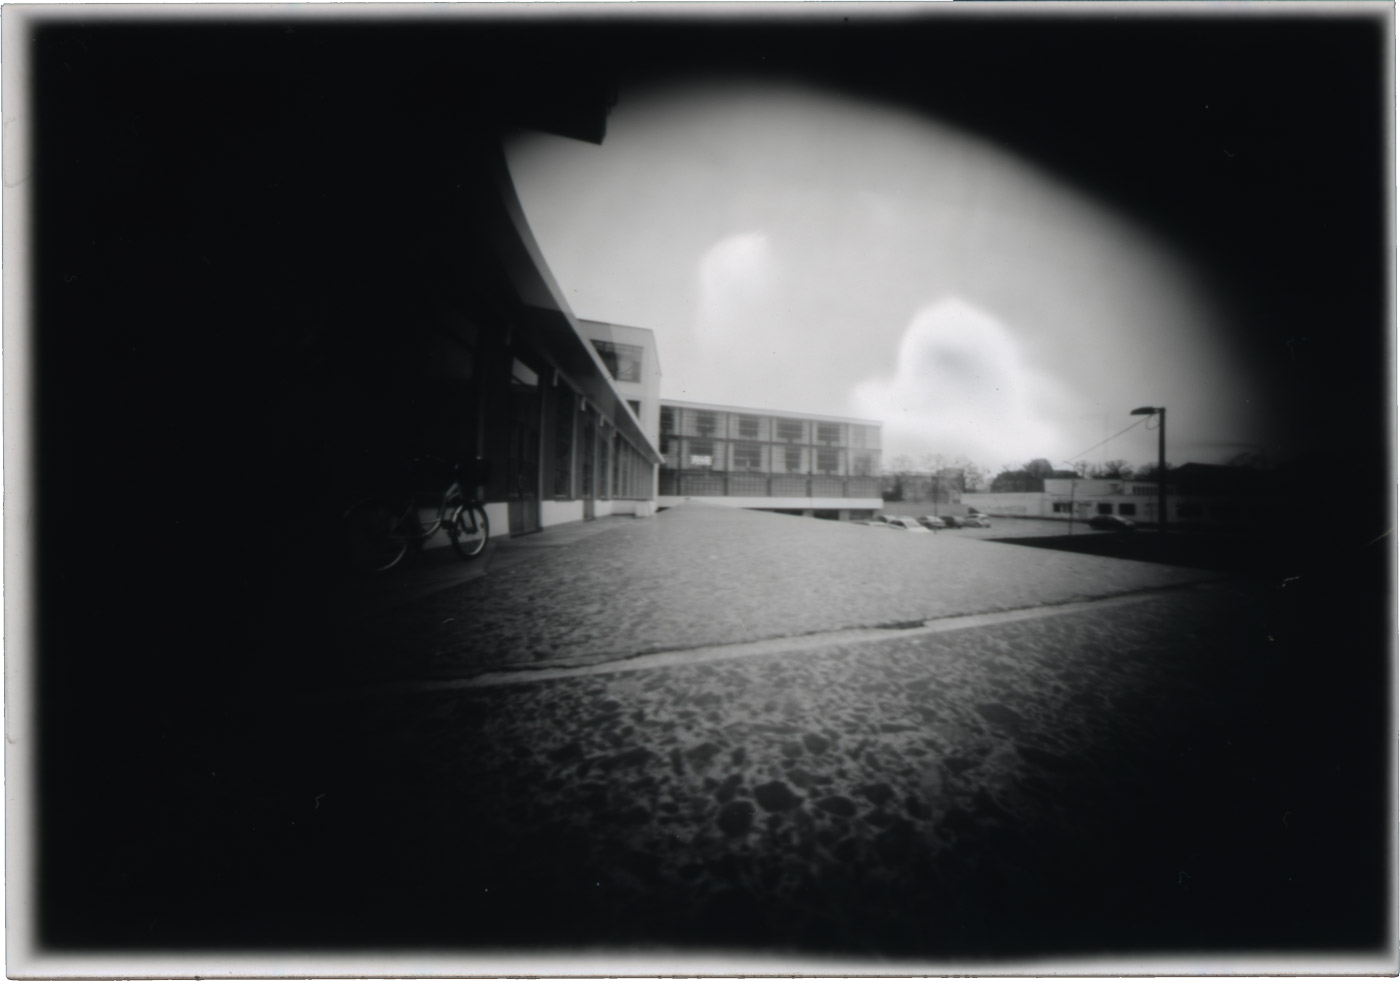 Hinterer Teil des Bauhauses mit der Camera Obscura aufgenommen